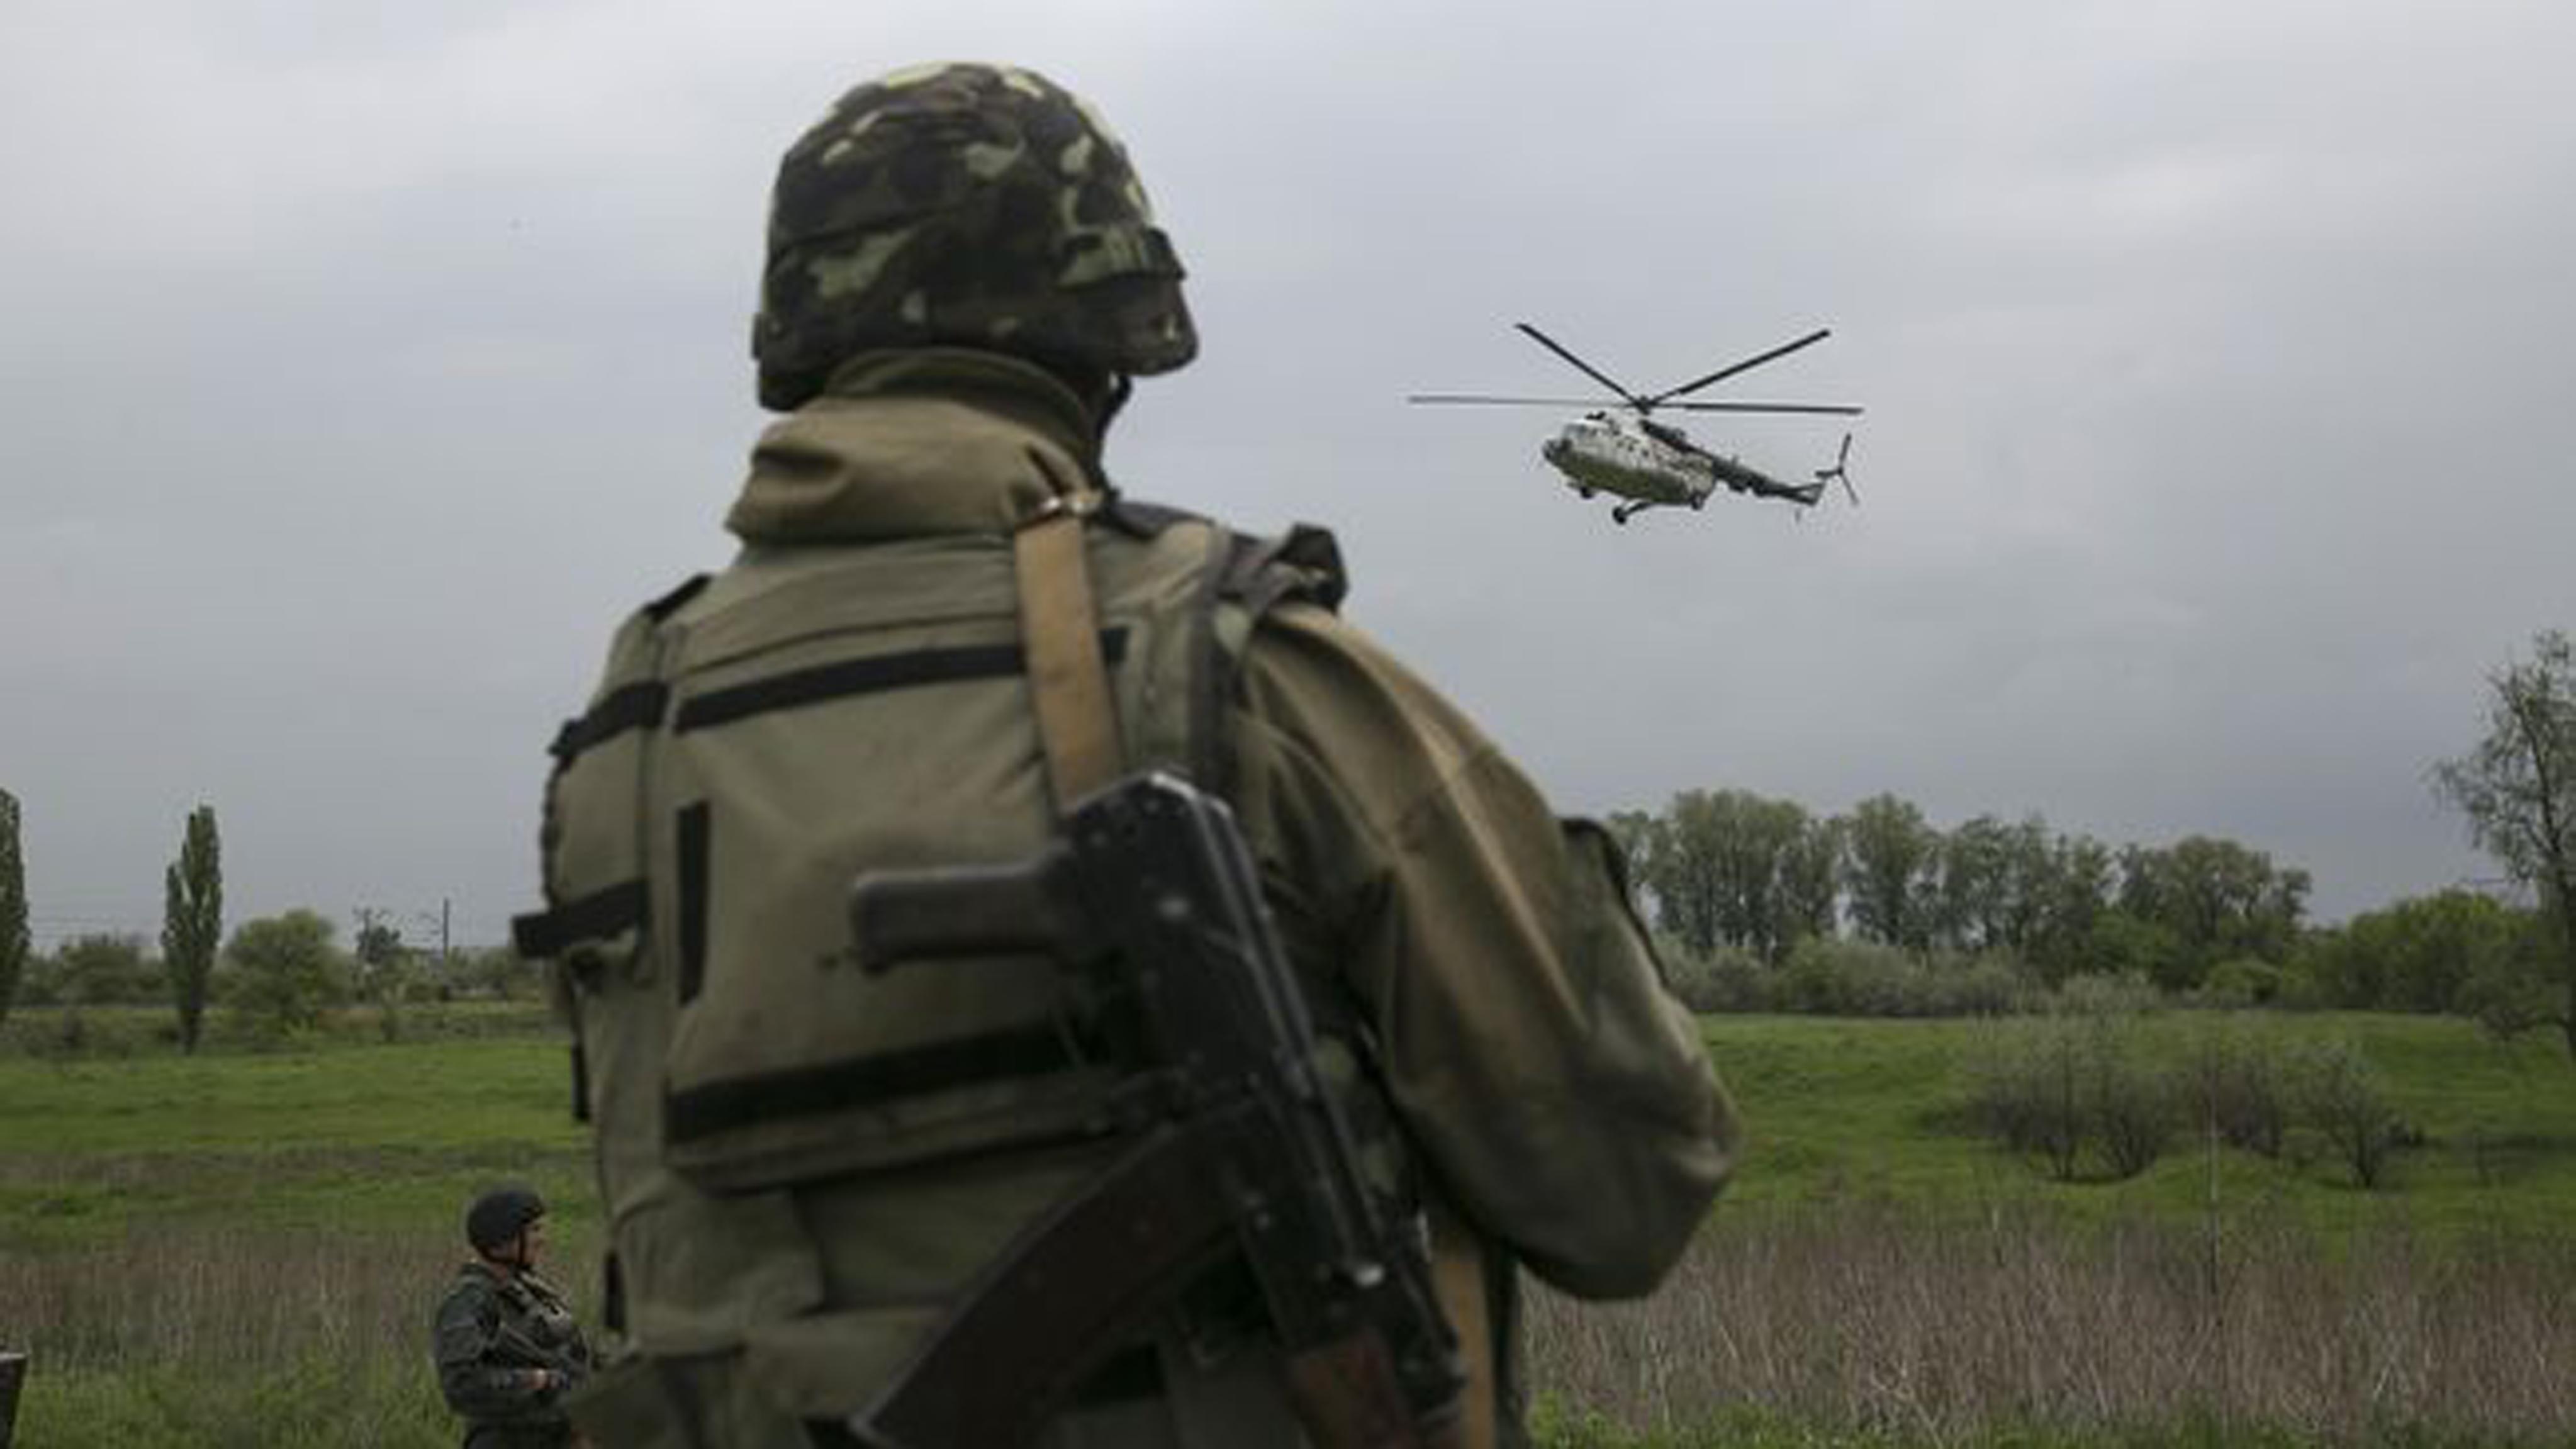 Бойовики відкривали вогонь згранатометів, одного українського військовика поранено— День вАТО